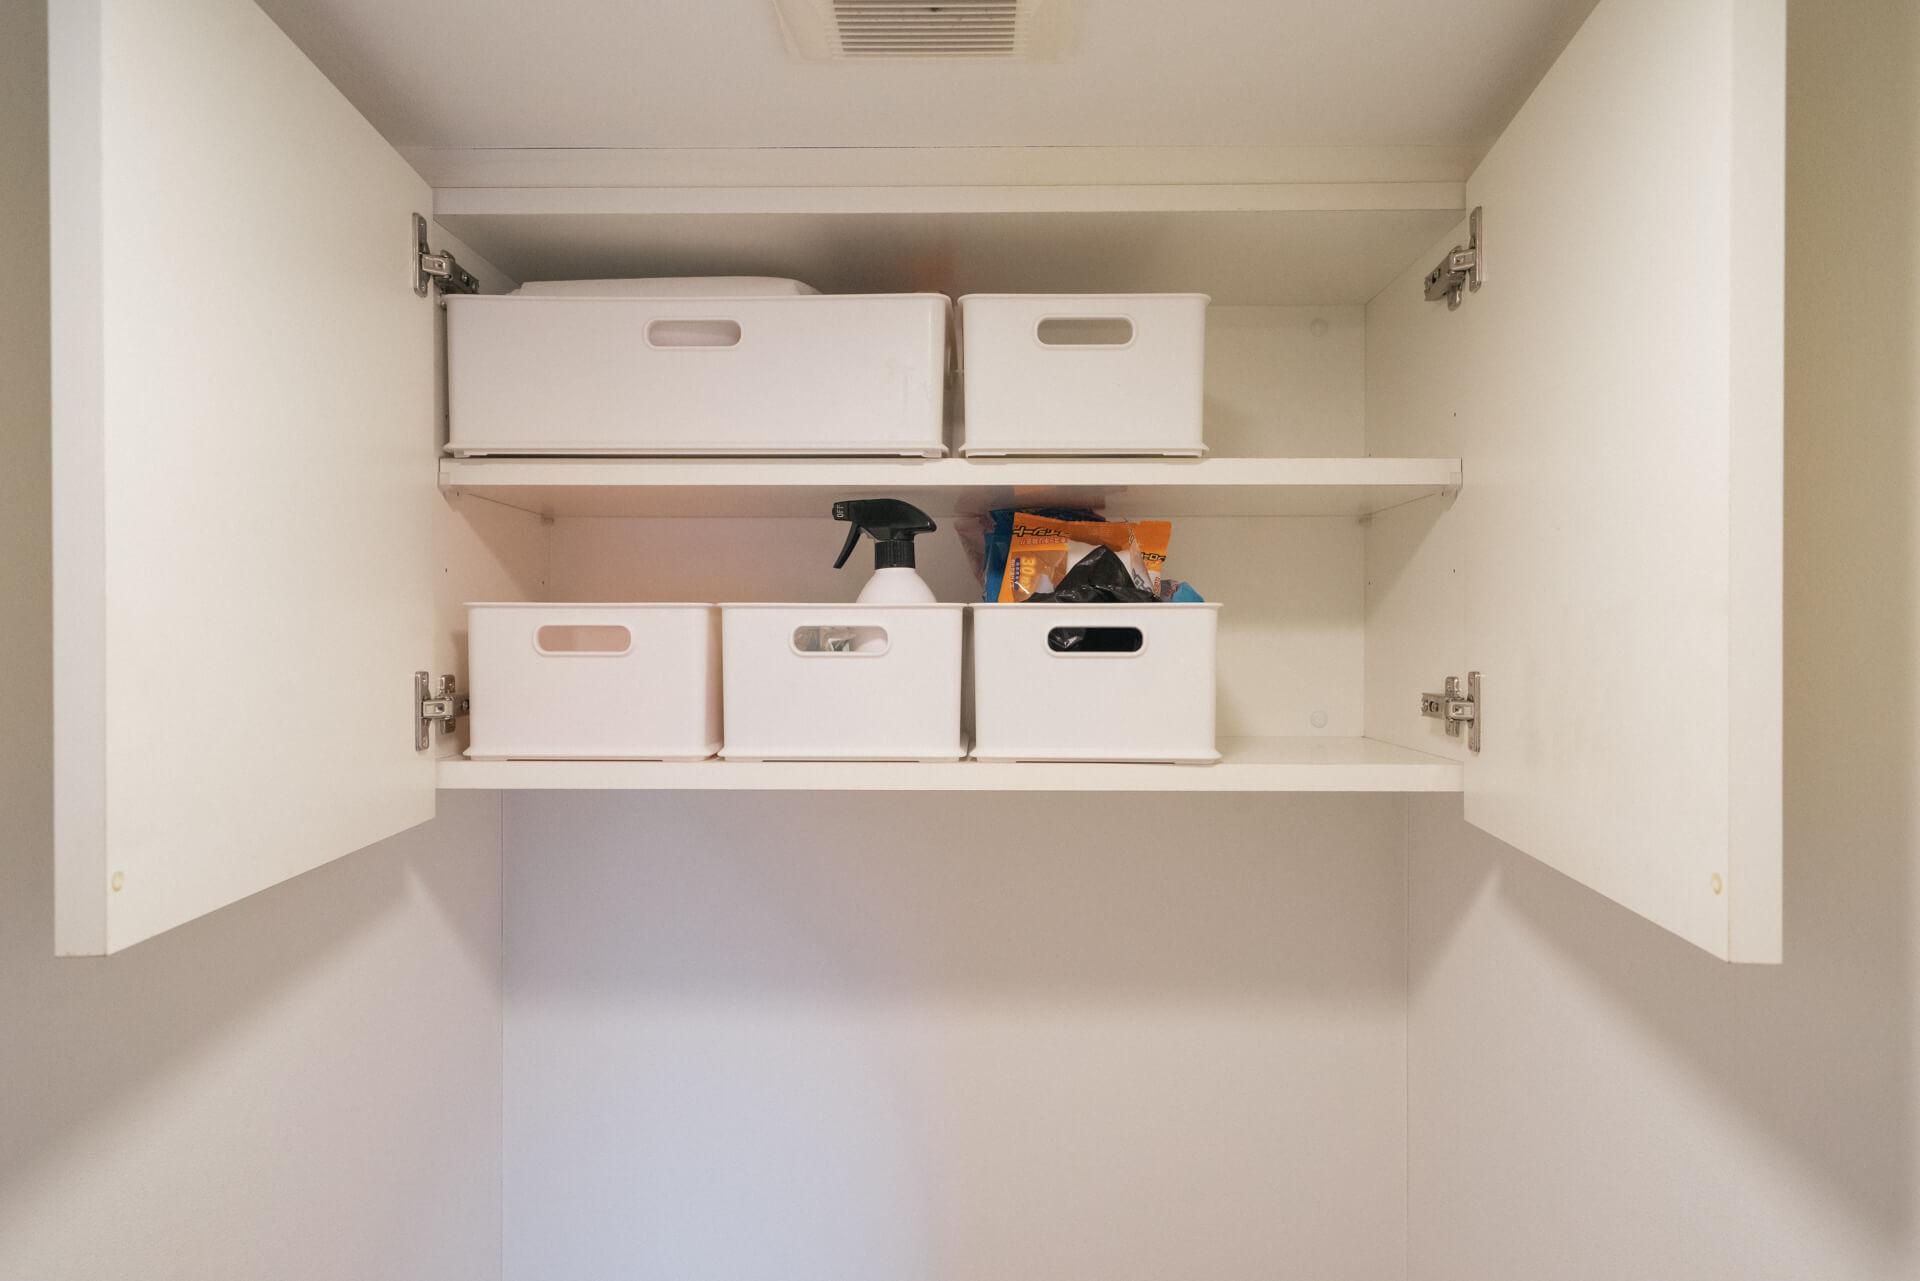 トイレの収納も、同じボックスを活用。積み重ねたり並べたり、ぴしっと揃っていて気持ちいい。